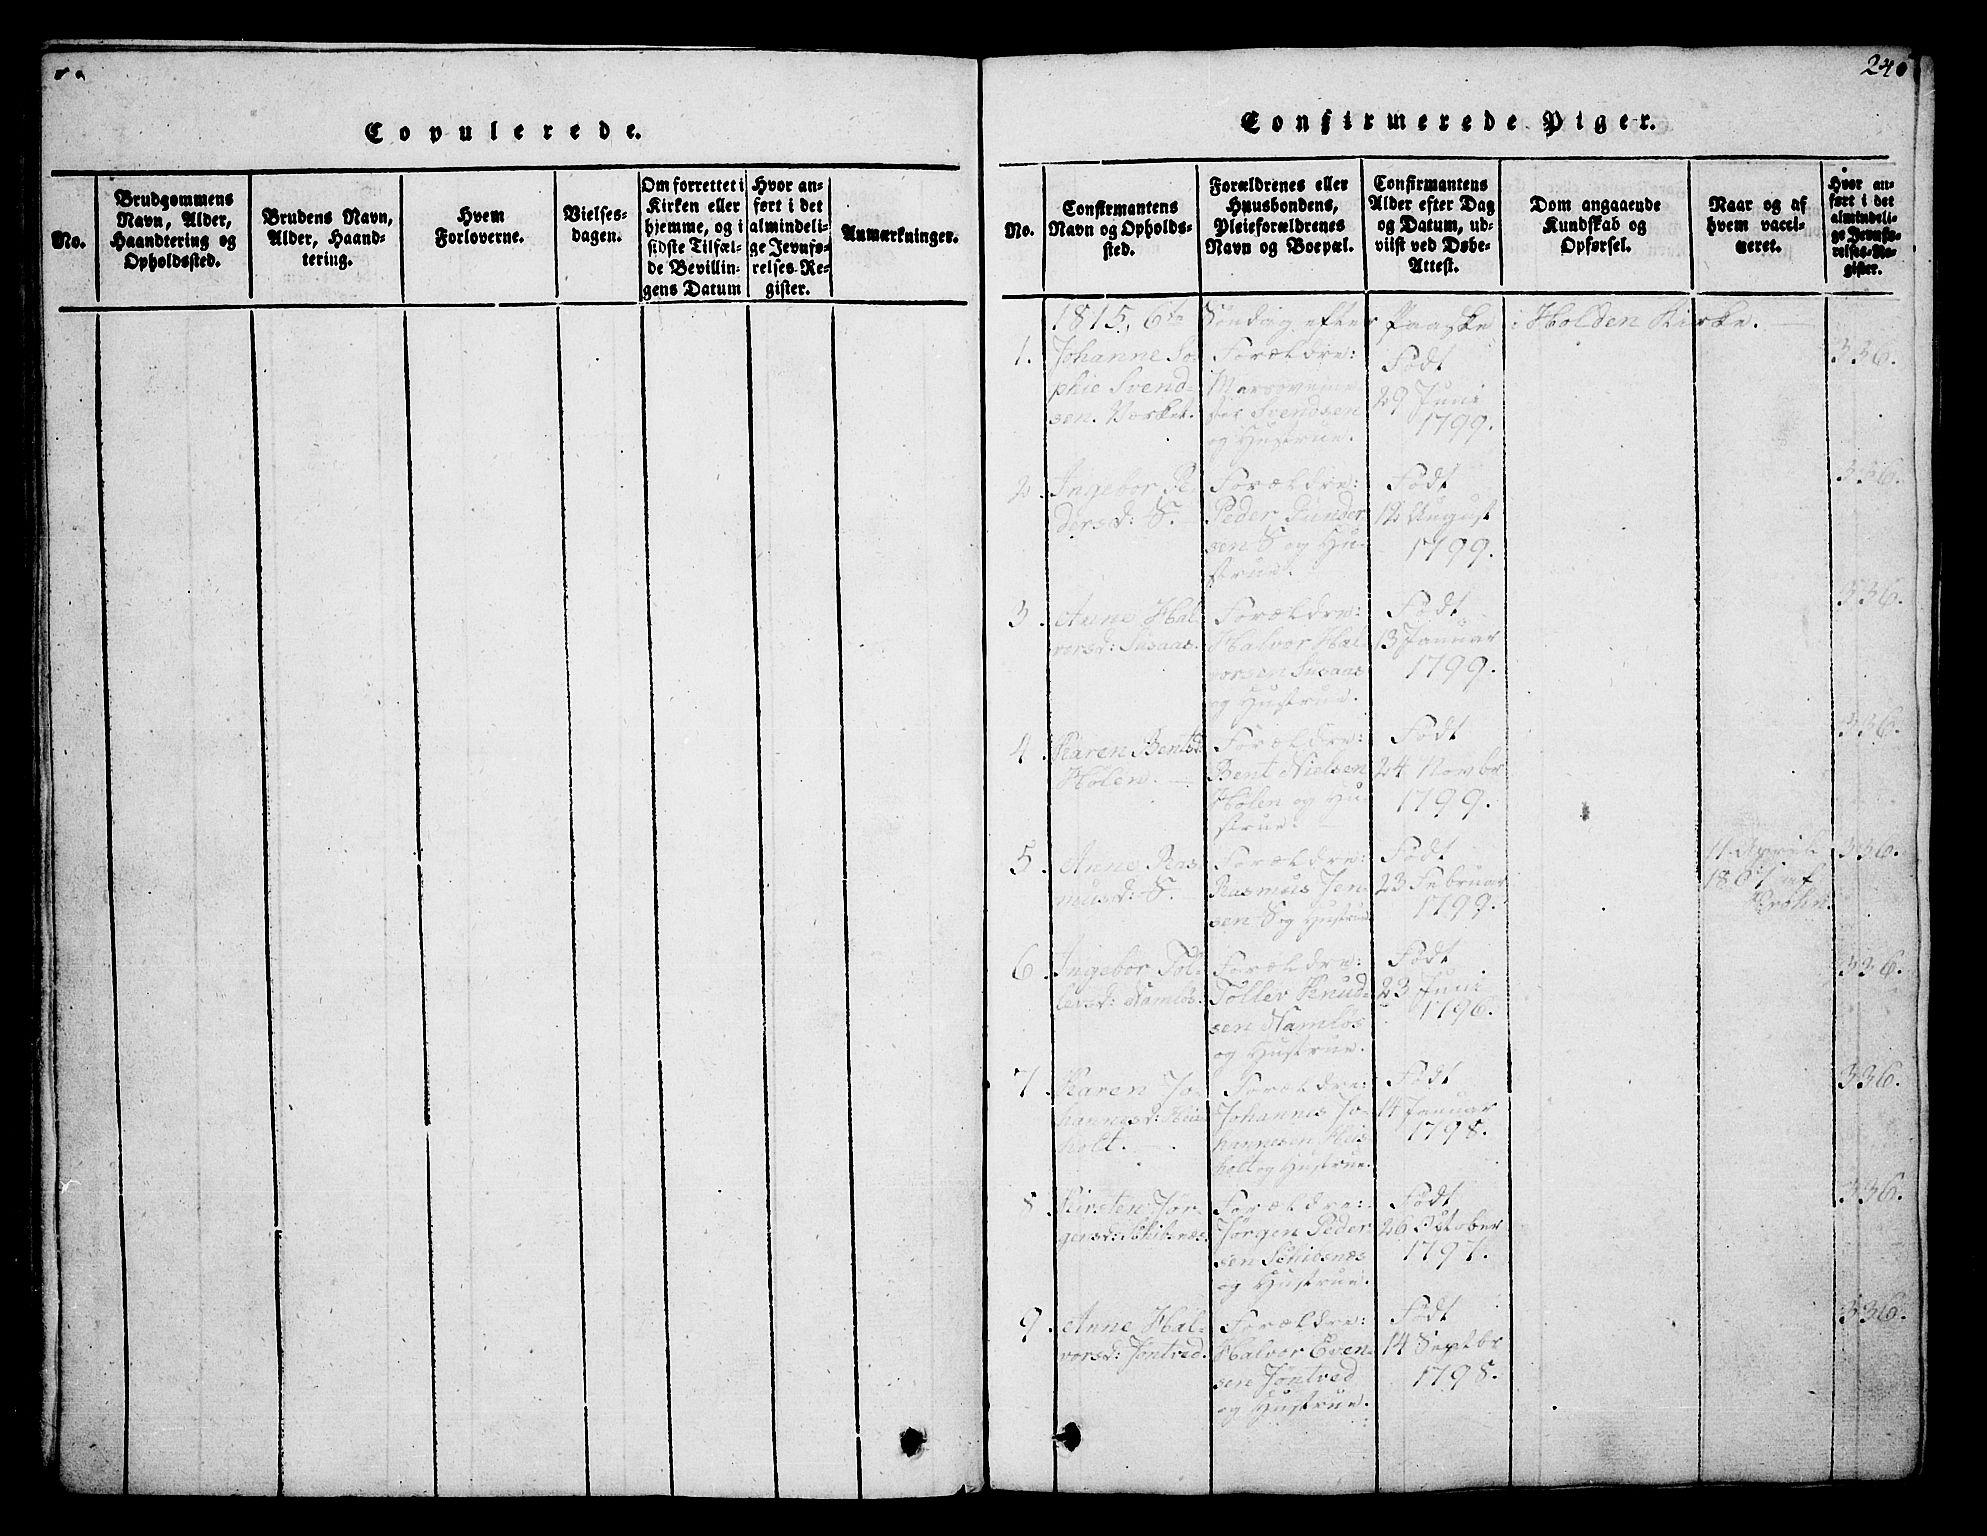 SAKO, Holla kirkebøker, G/Ga/L0001: Klokkerbok nr. I 1, 1814-1830, s. 240